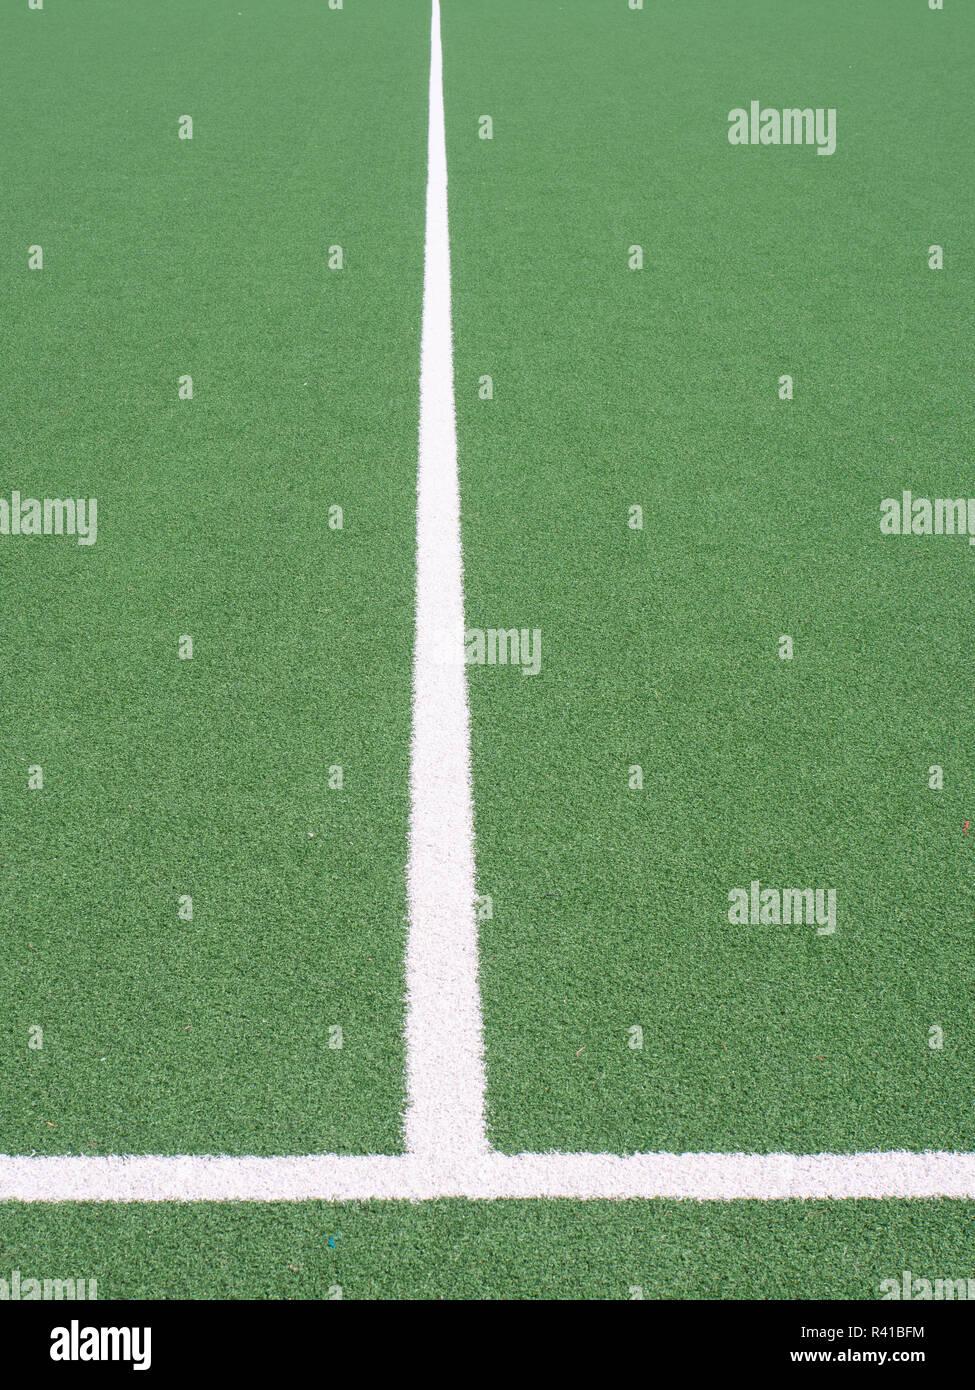 Campo de Deportes de líneas blancas en el césped artificial Imagen De Stock